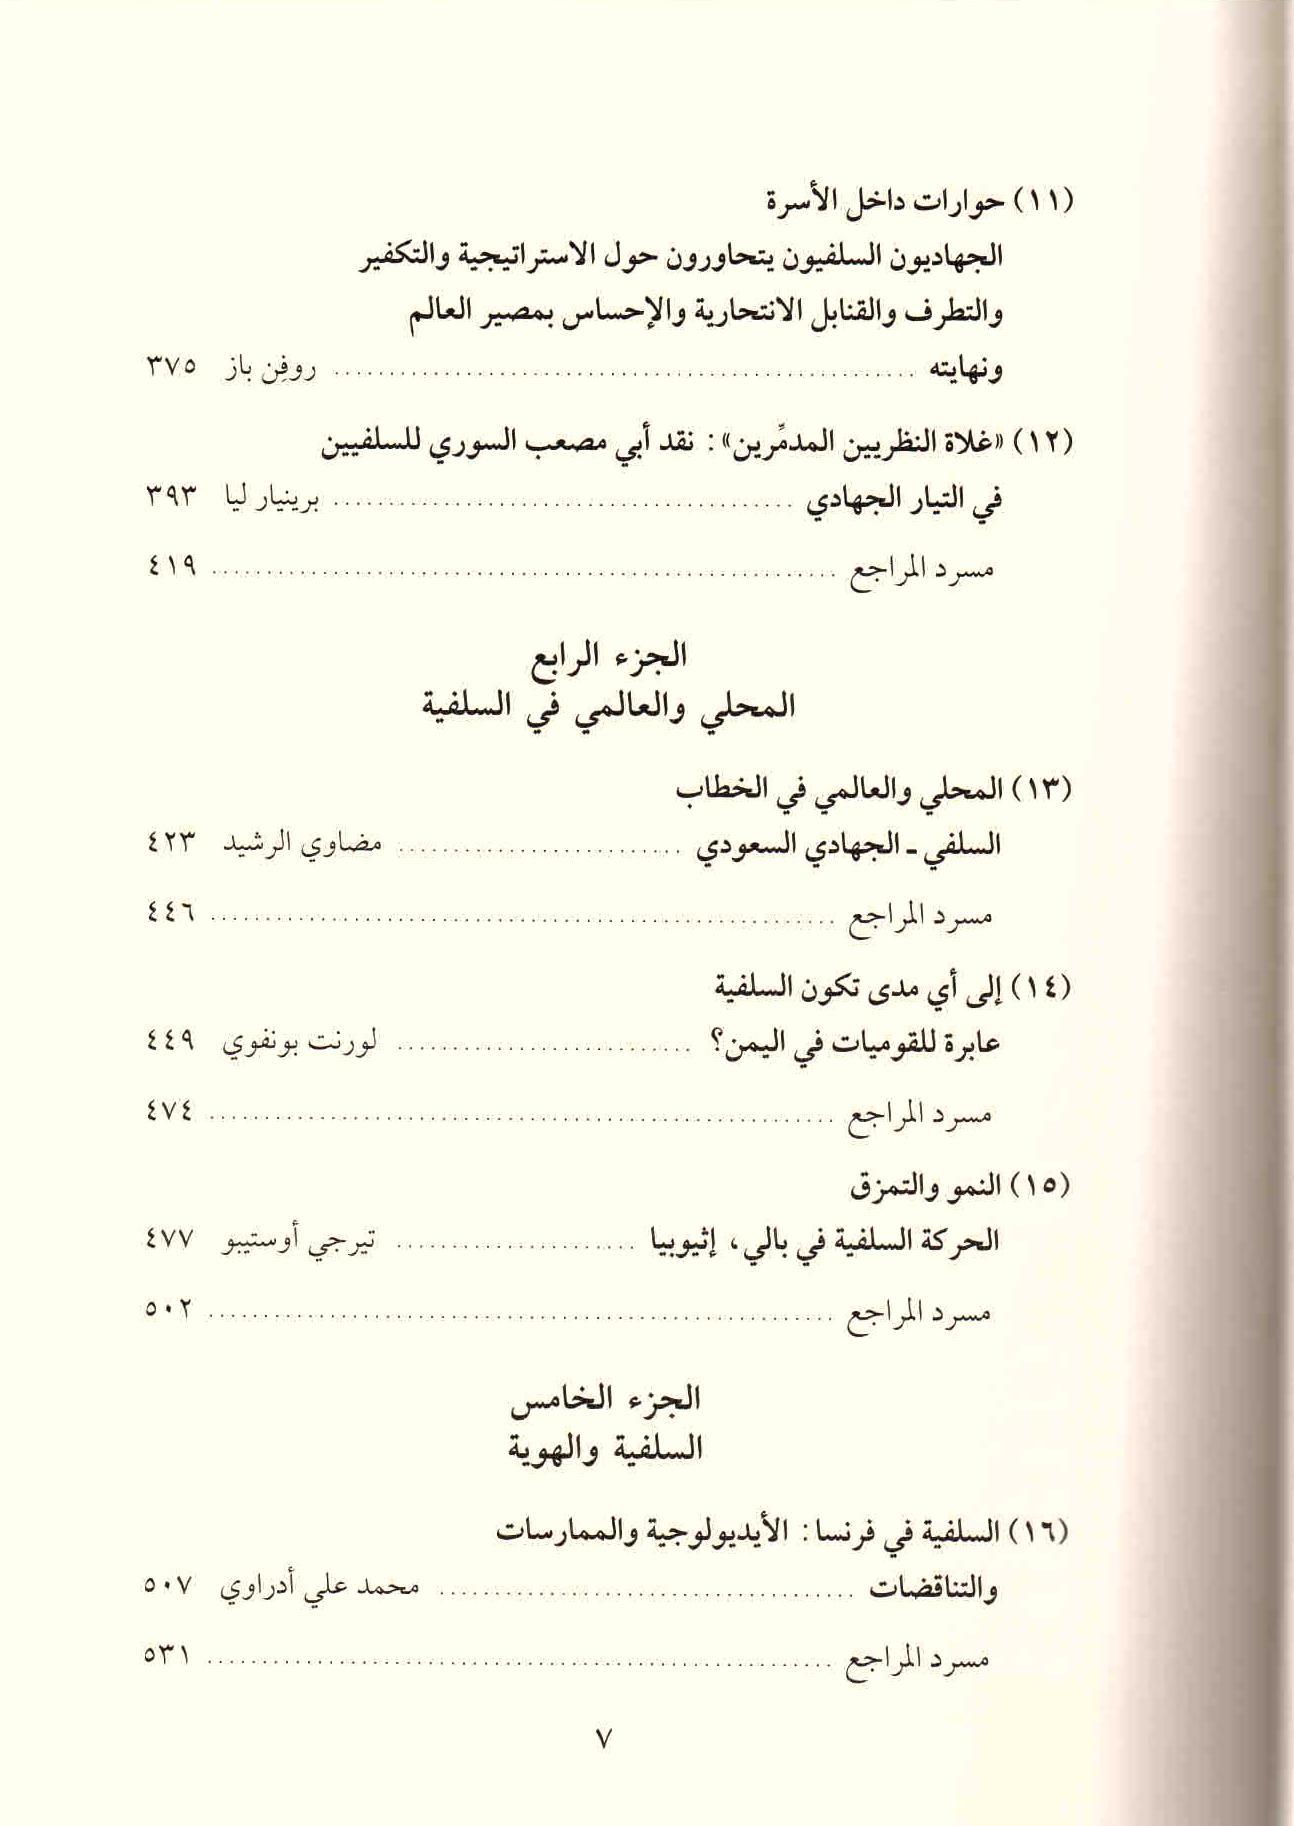 ص7 محتويات كتاب السلفية العالمية